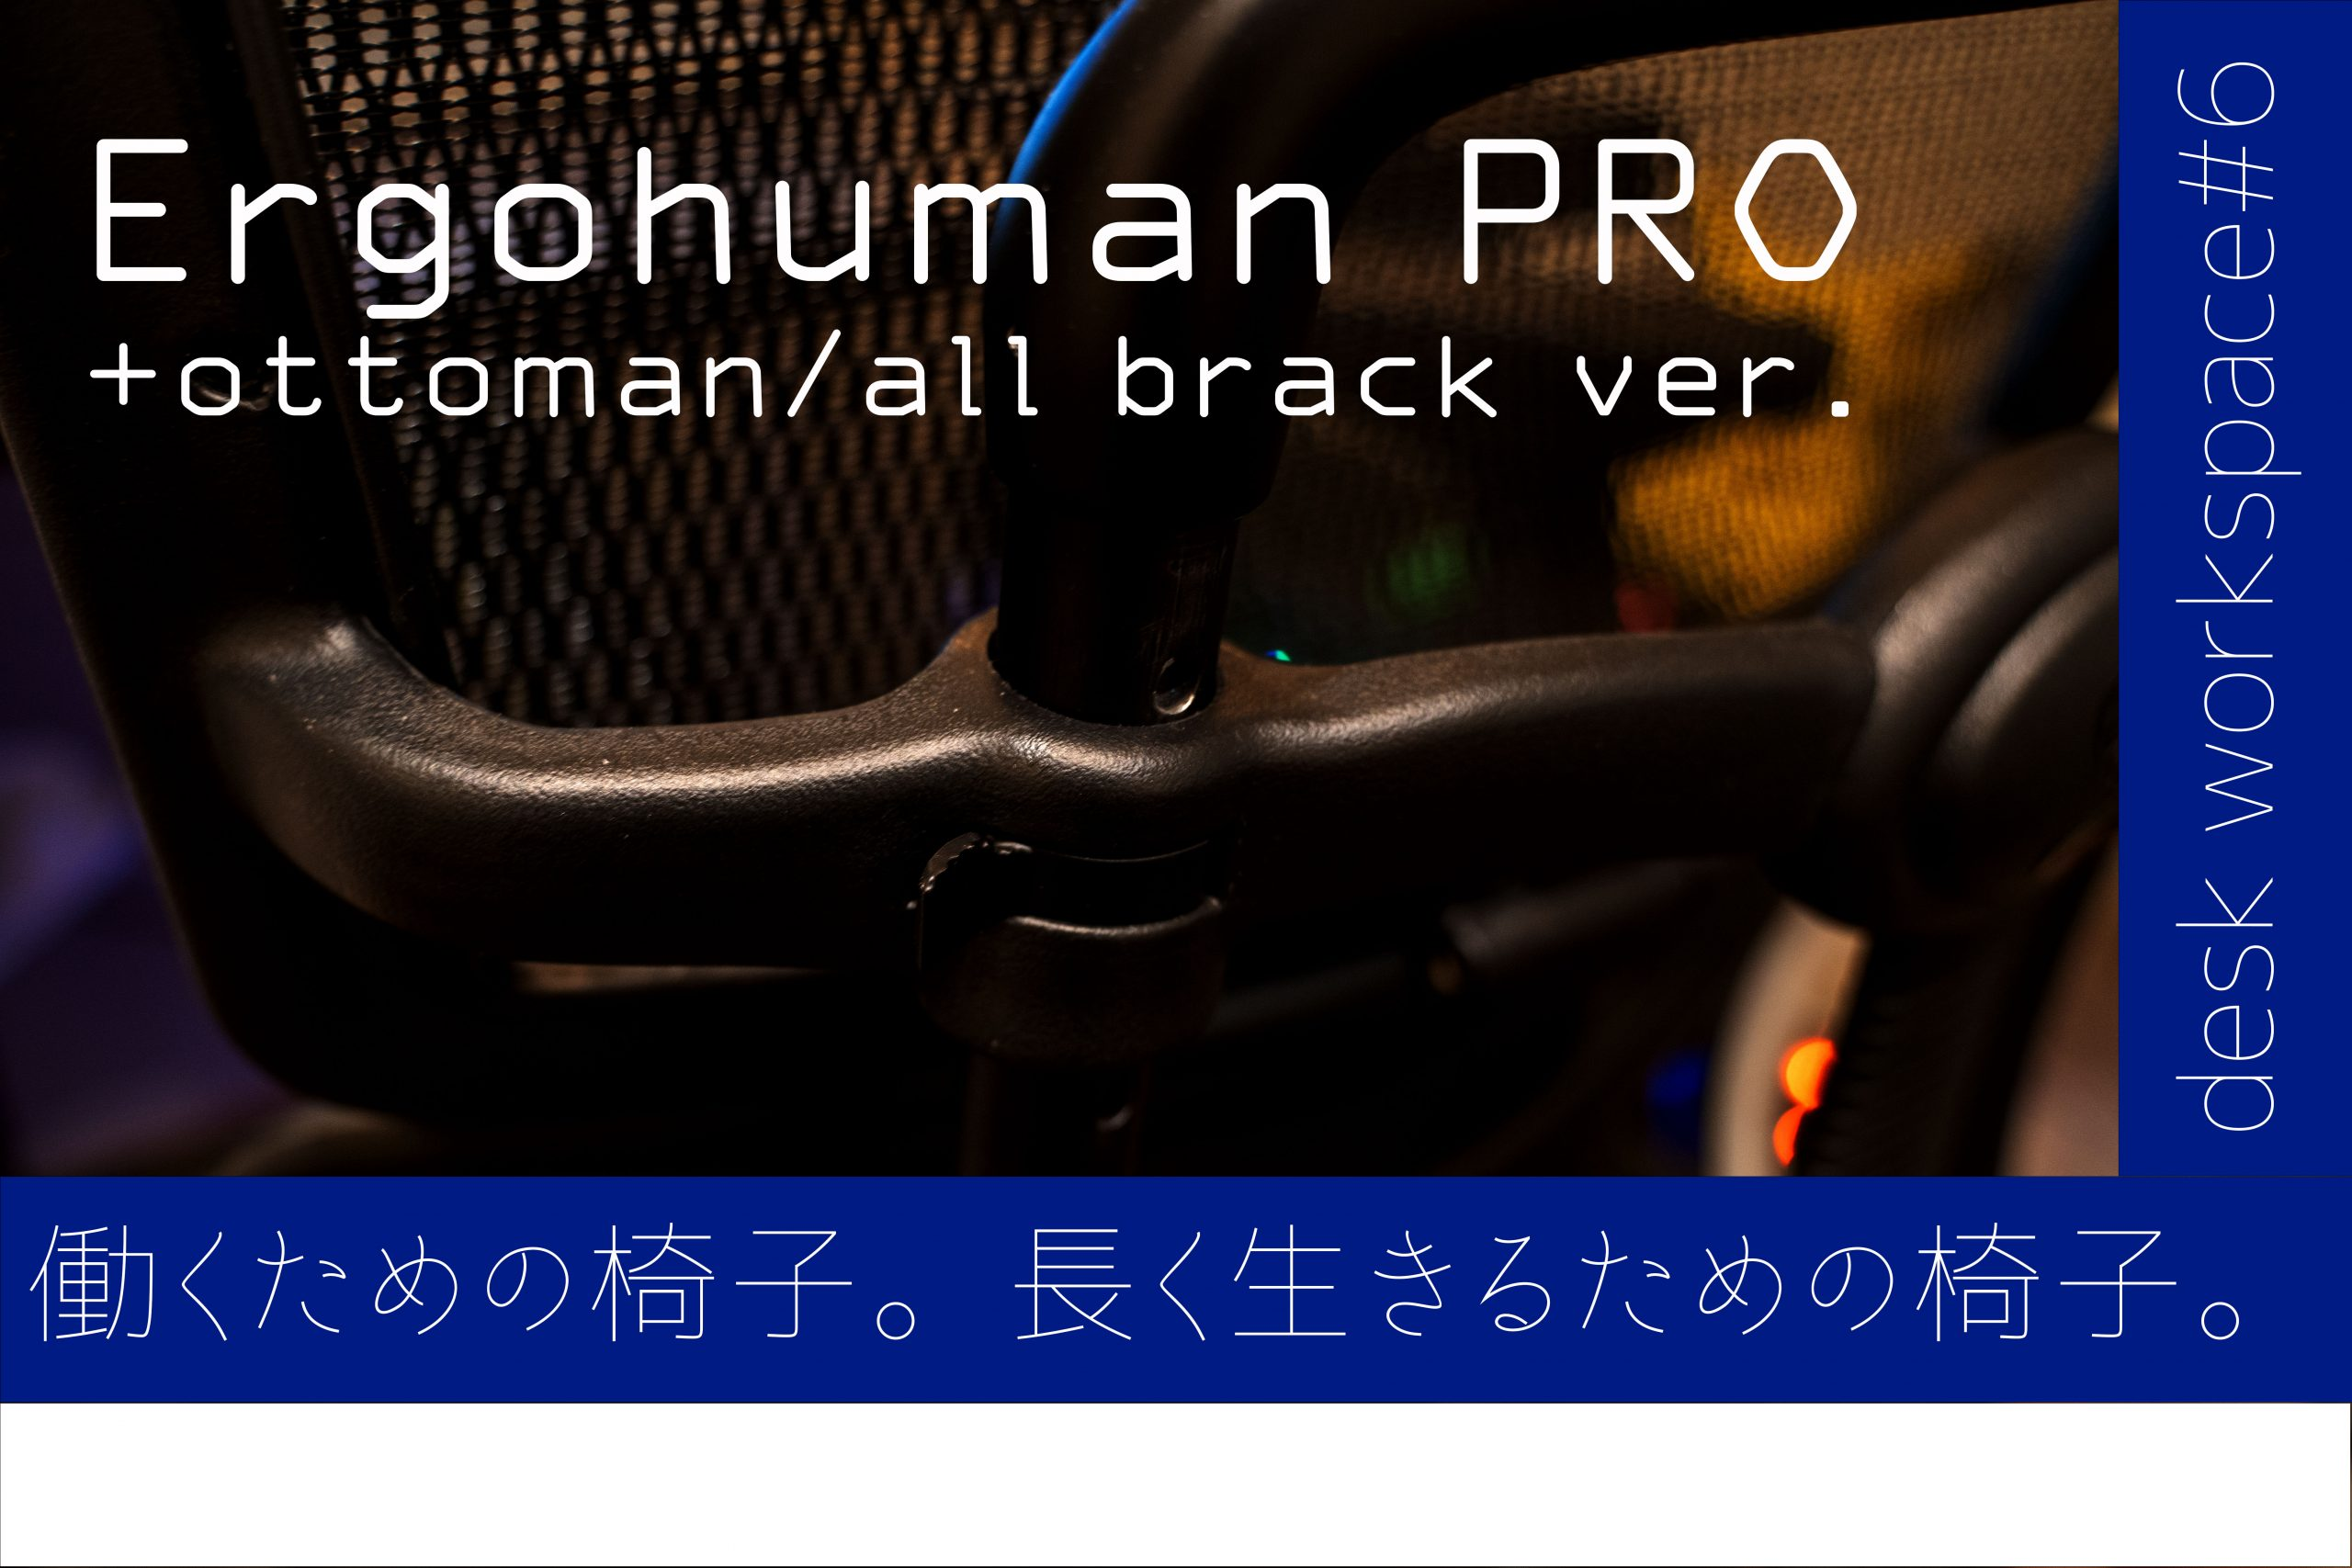 【デスク作業環境 #7】思い切り。オフィスチェア『ErgohumanPro』導入